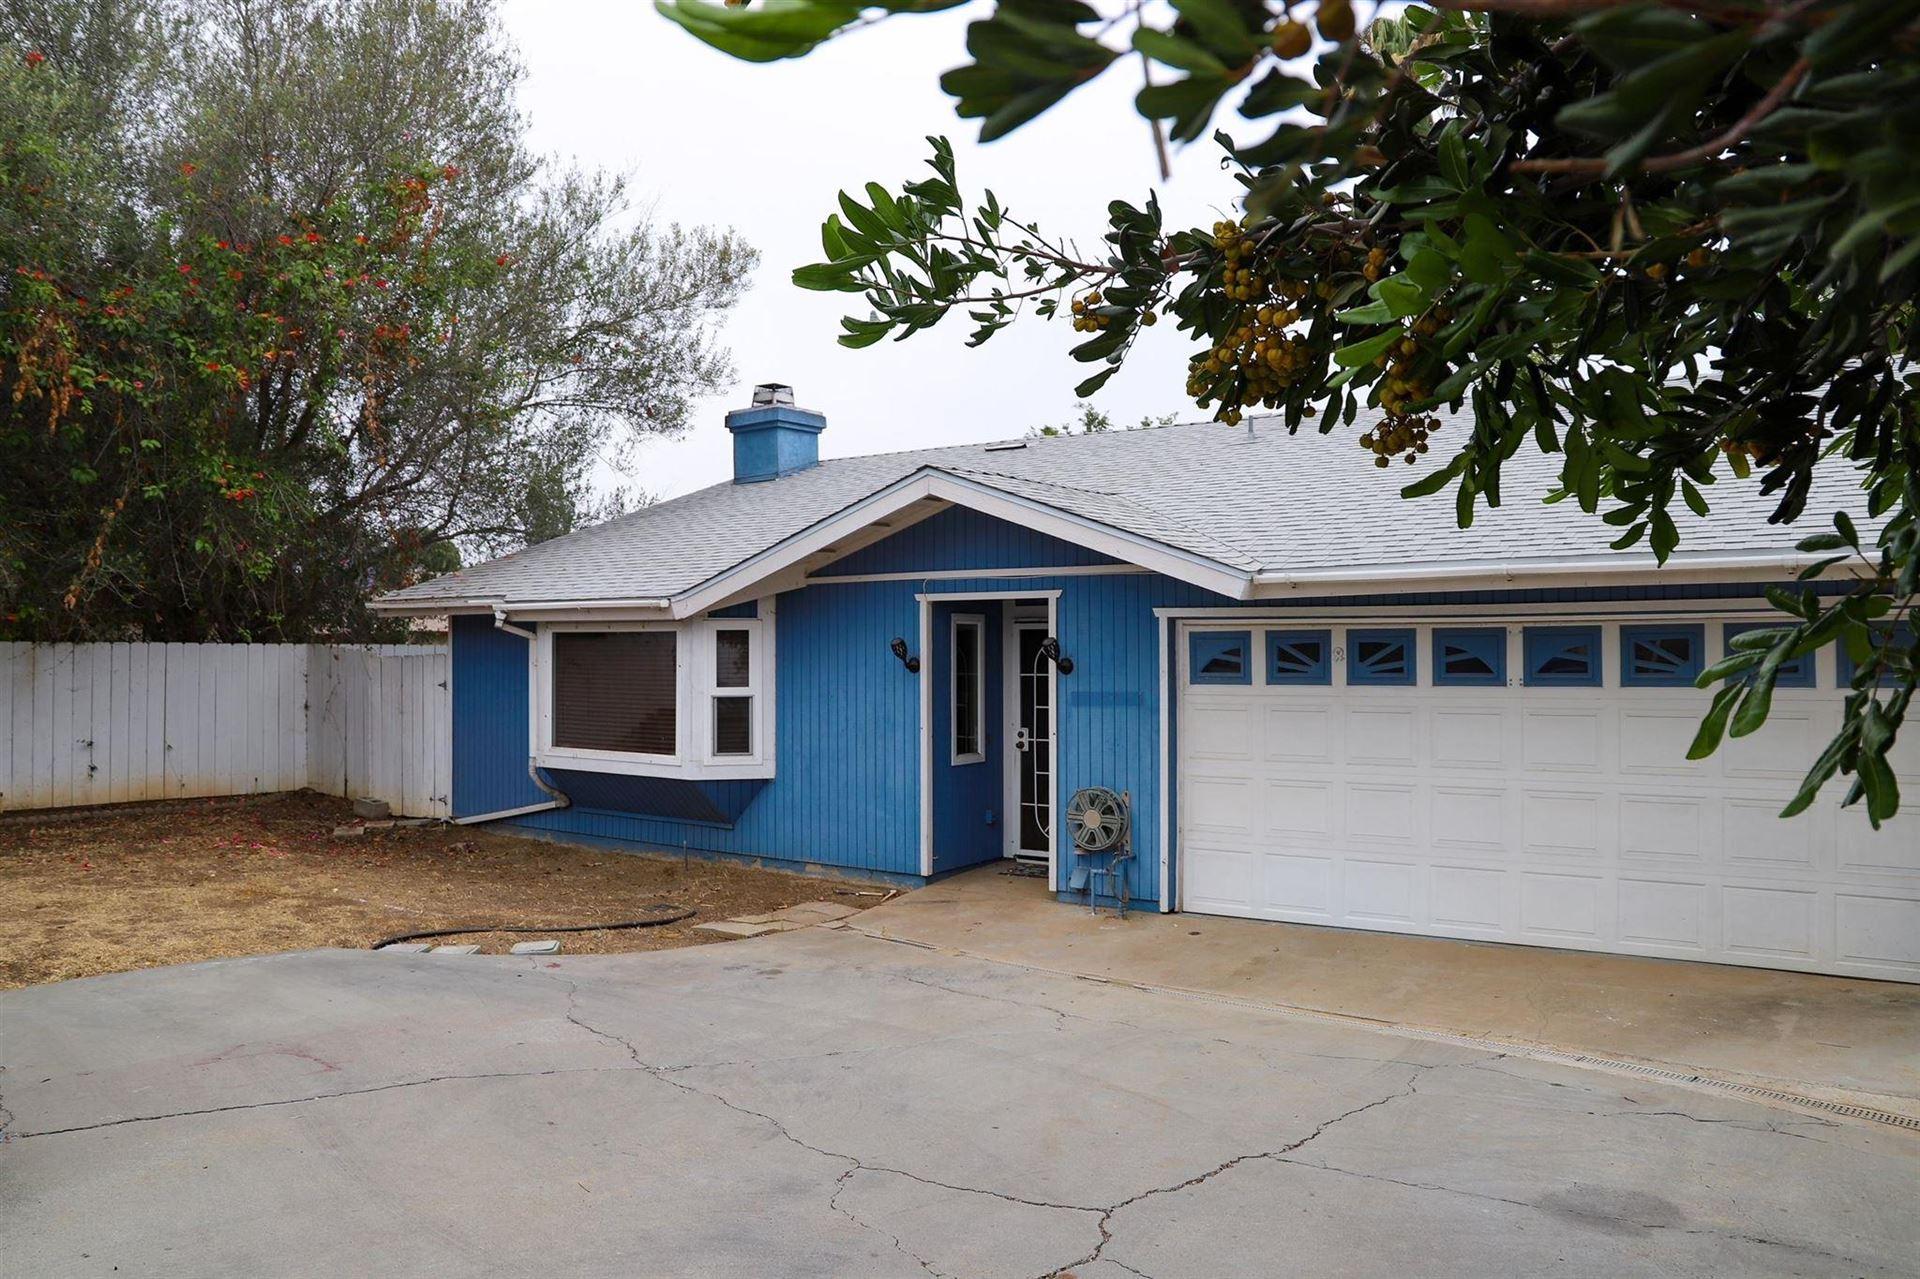 Photo of 8337 Golden Ave, Lemon Grove, CA 91945 (MLS # 210020182)